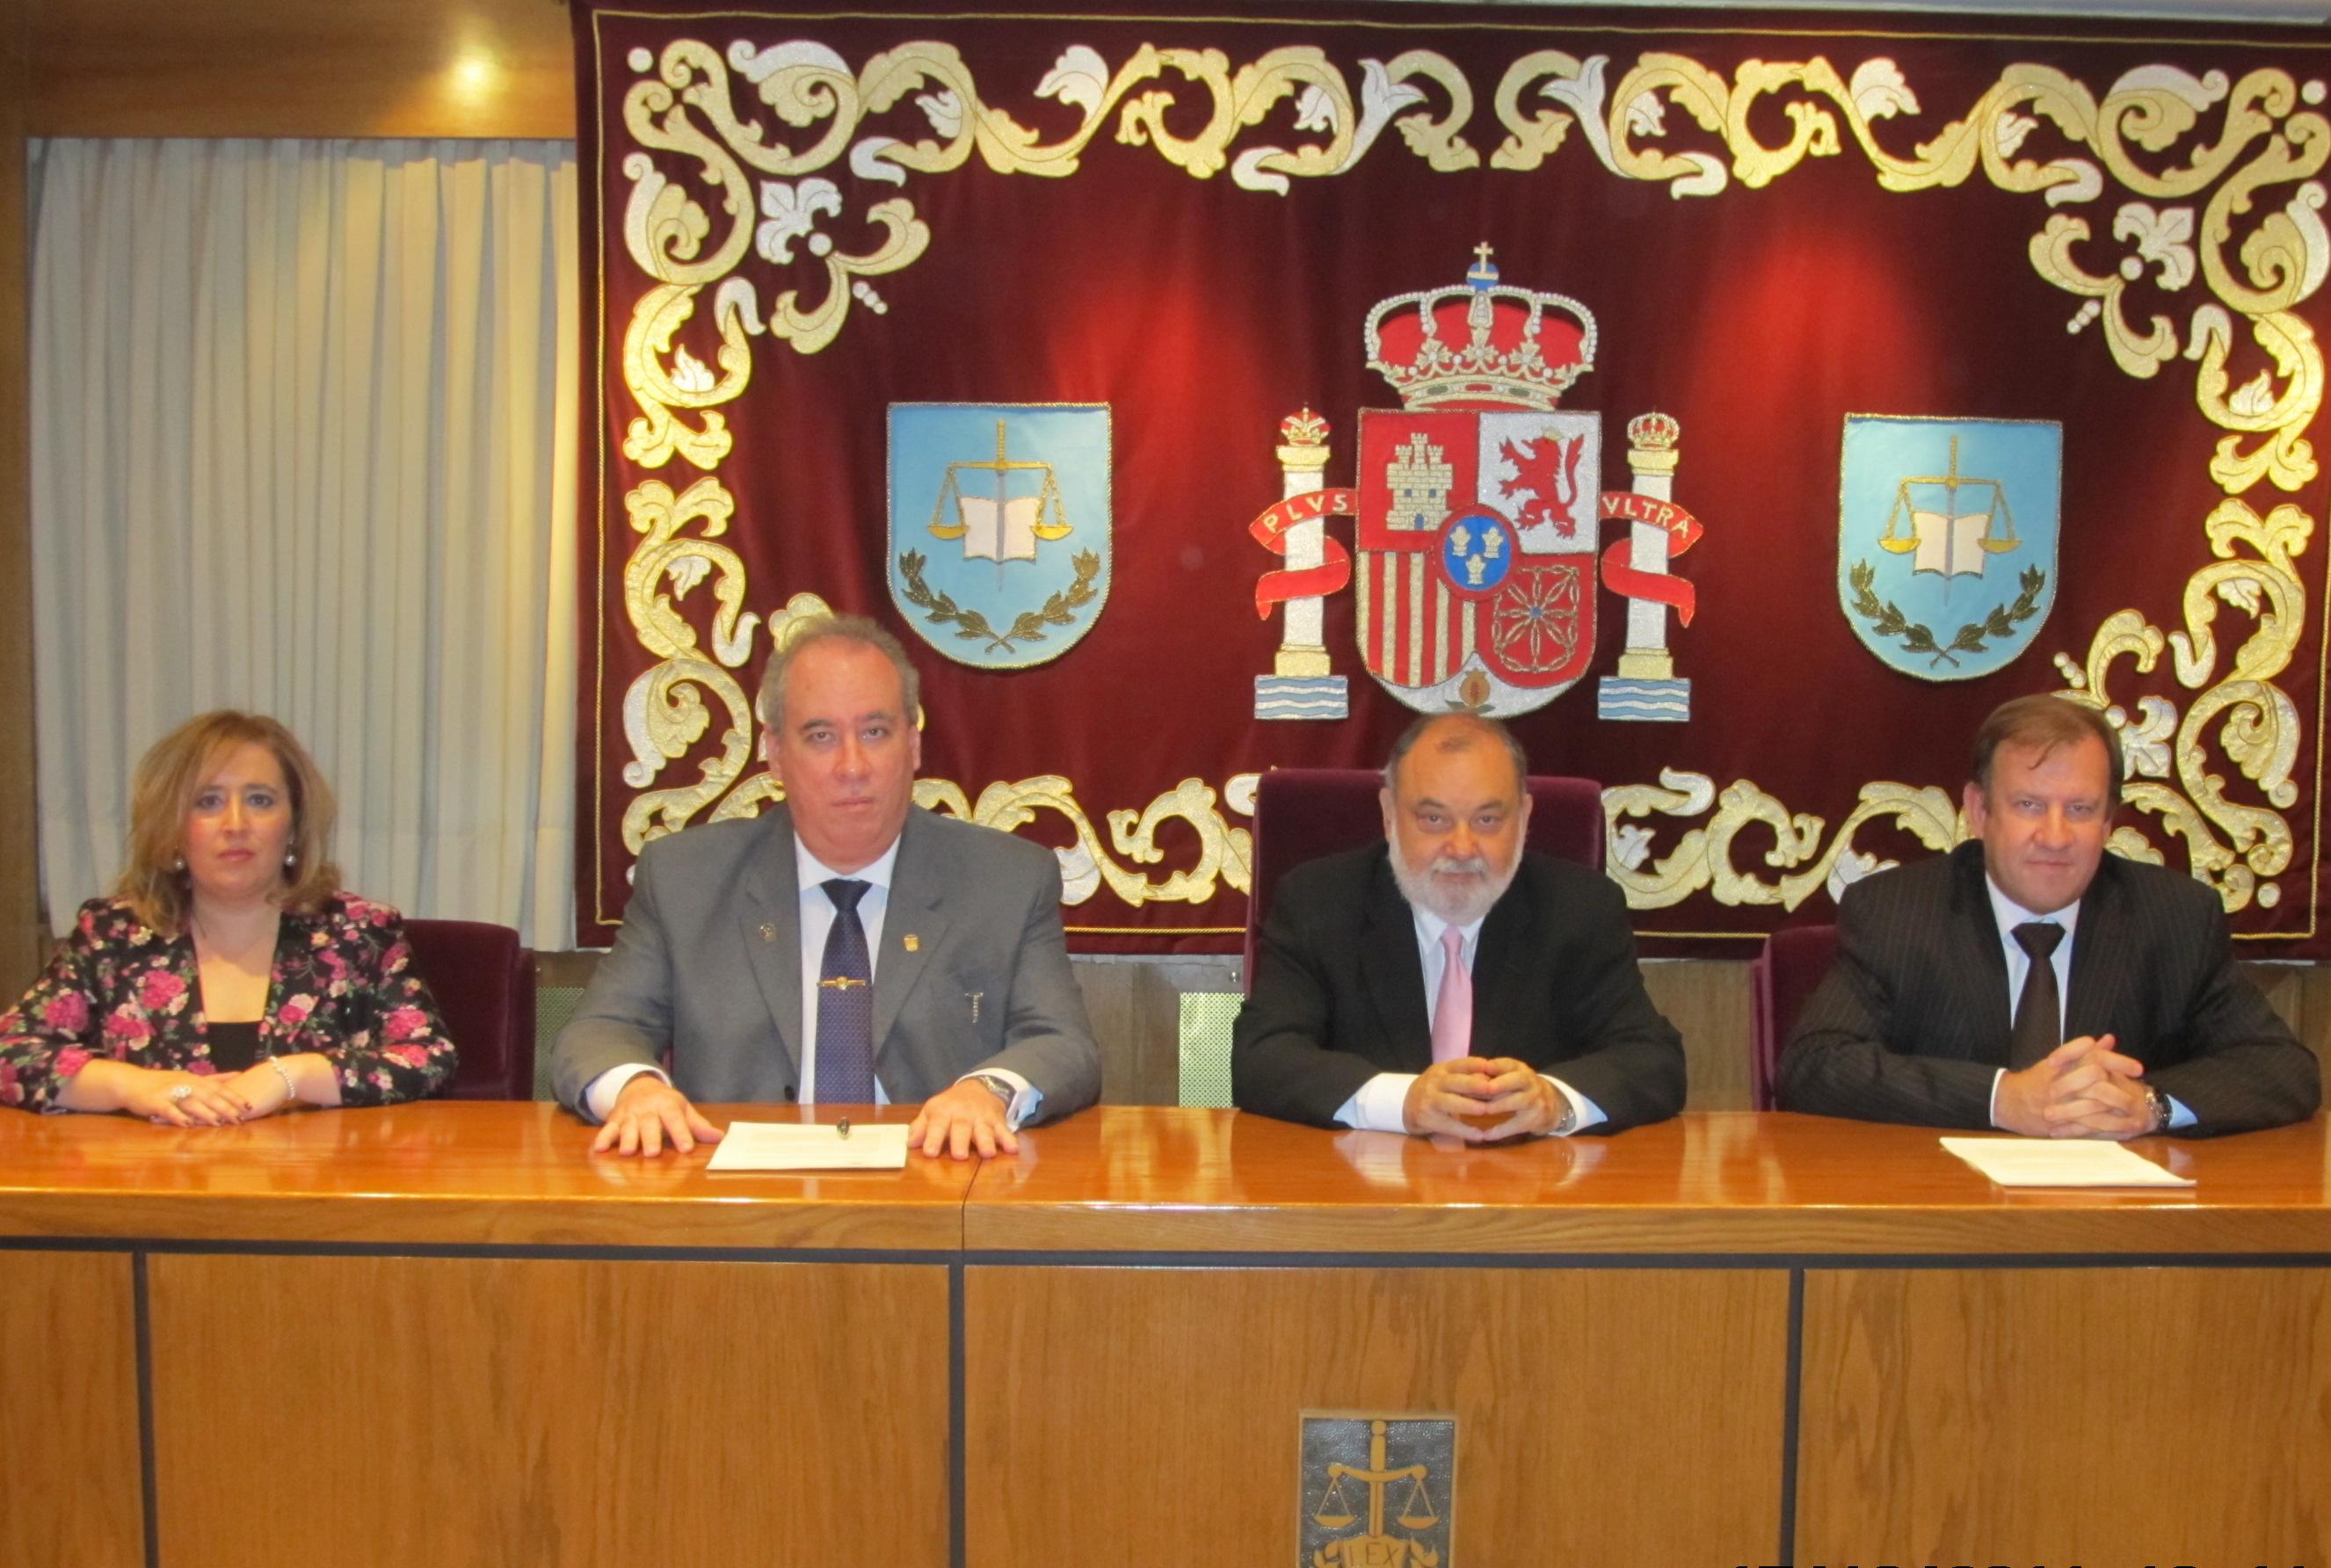 La Universidad de Salamanca firma un acuerdo marco interinstitucional con la Procuraduría General de la Nación de Panamá